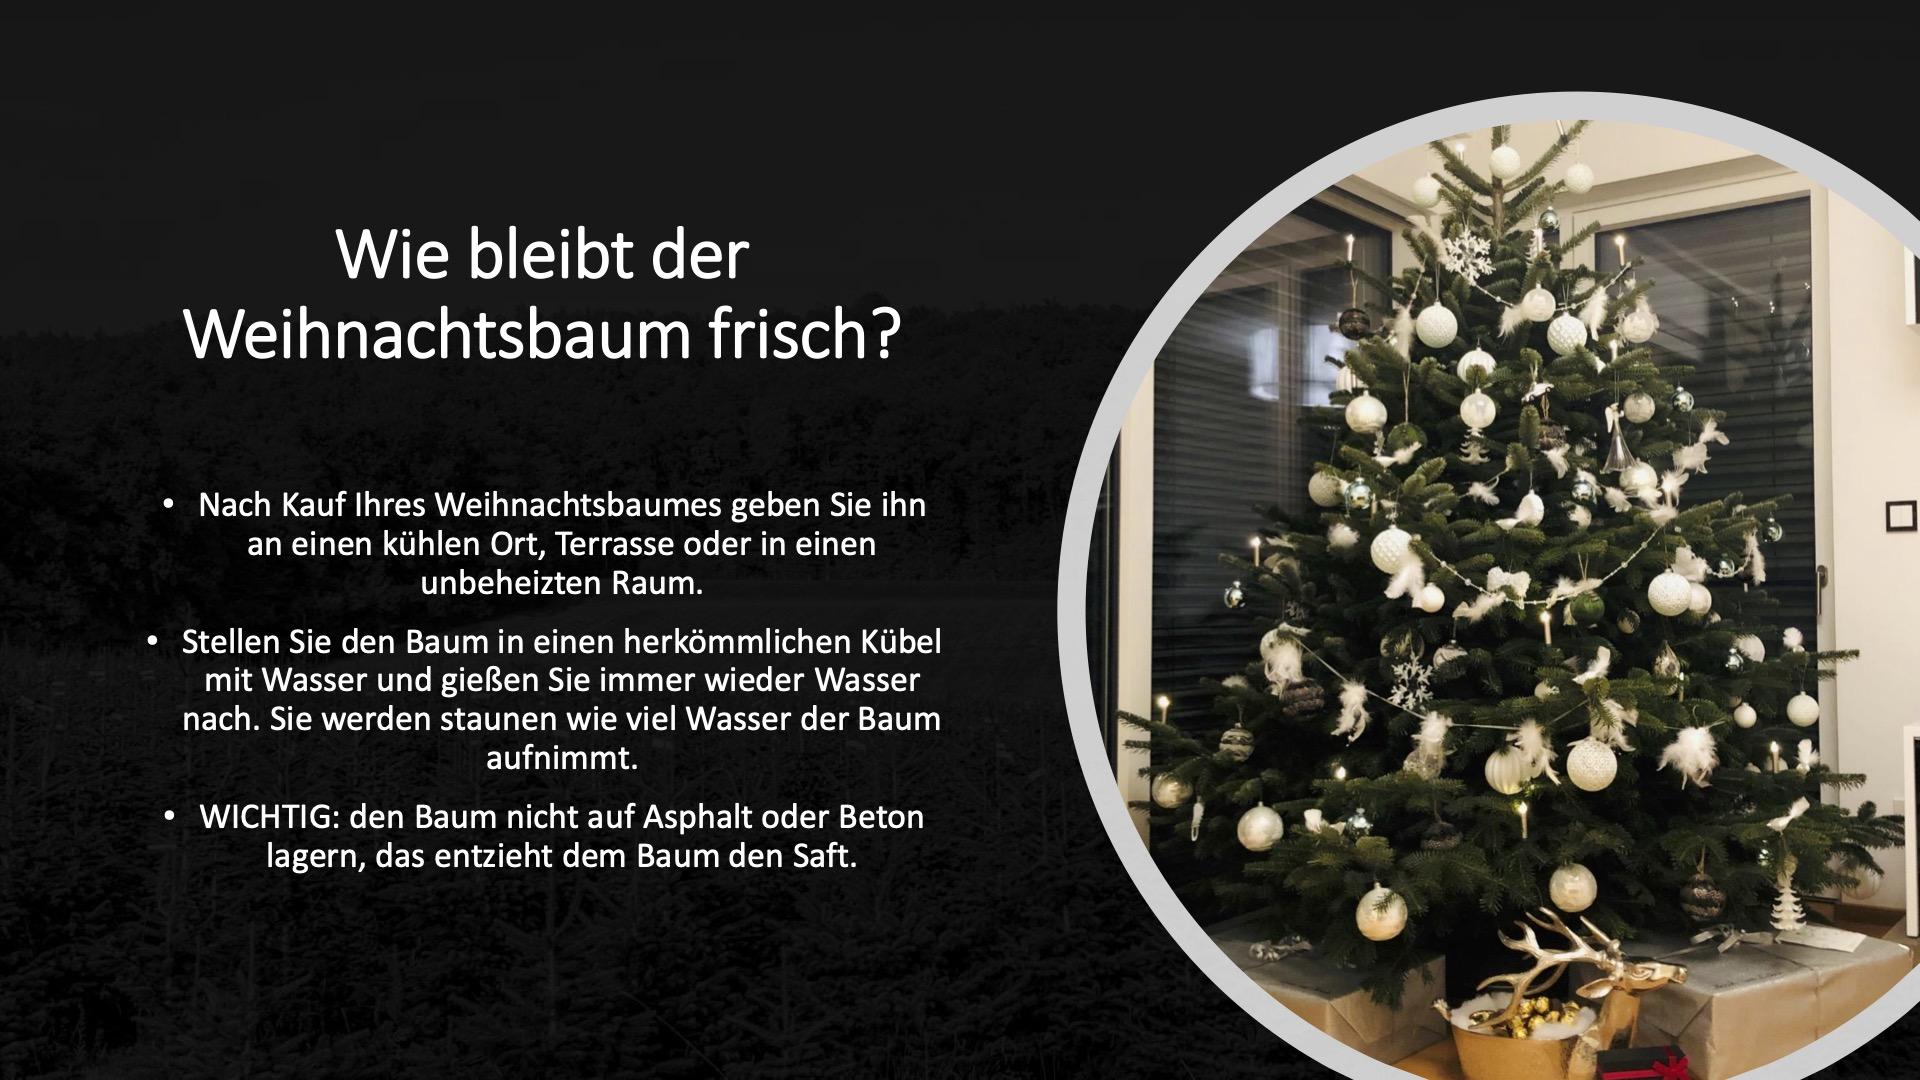 Wie bleibt Ihr Weihnachtsbaum frisch?